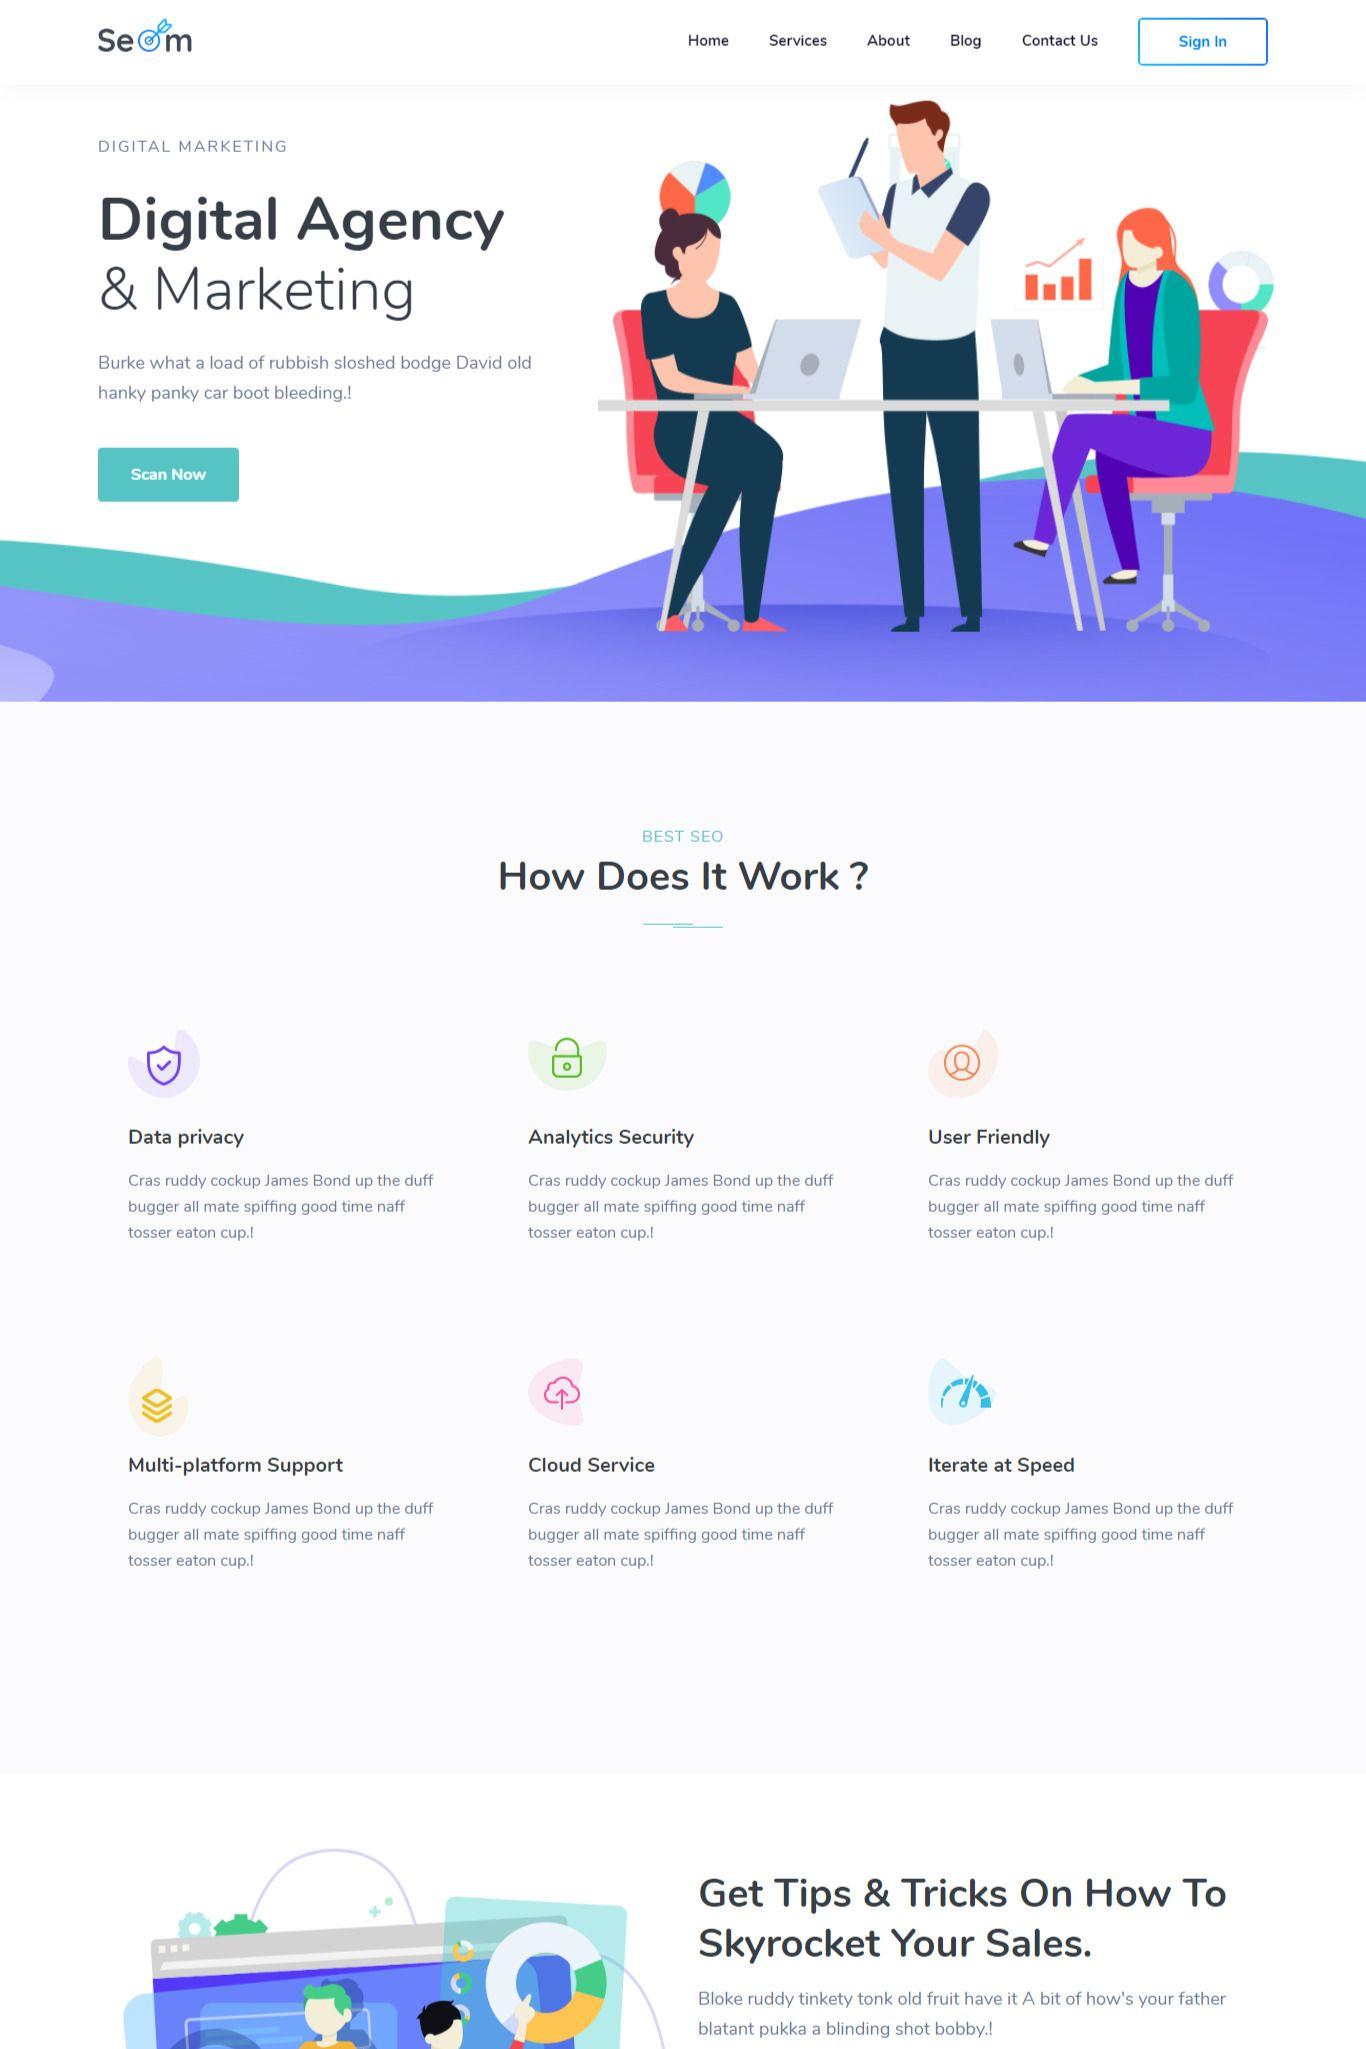 Kali Ini Ada Lima Tips Yang Bisa Kamu Lakukan Dalam Meningkatkan Keamanan Website Kamu Berikut Ulasannya Ketika Memiliki W Wordpress Website Design Digital Marketing Web Design